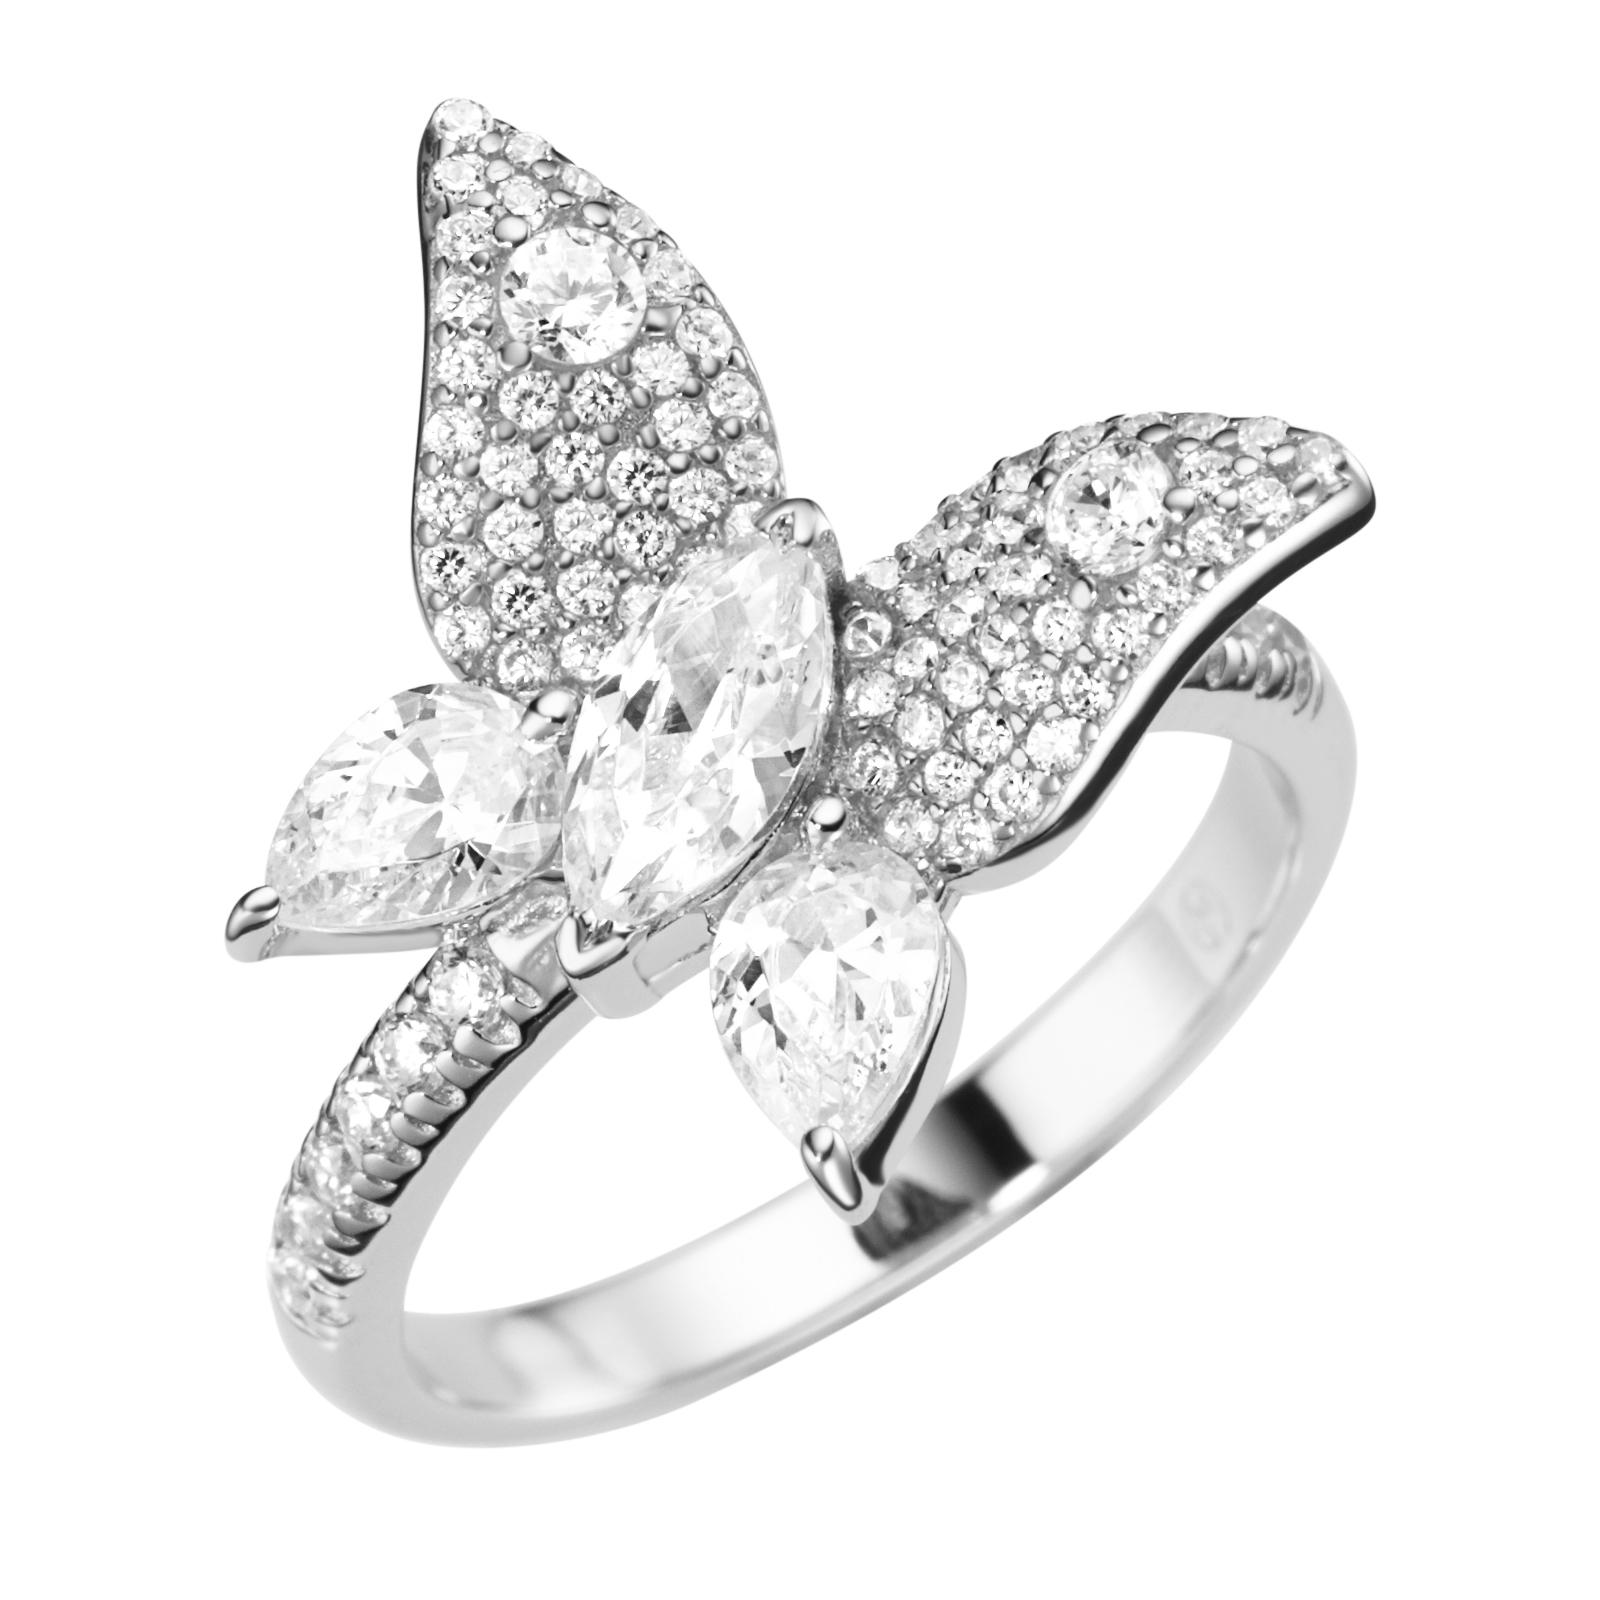 in Schmetterlingsform, Silber 925